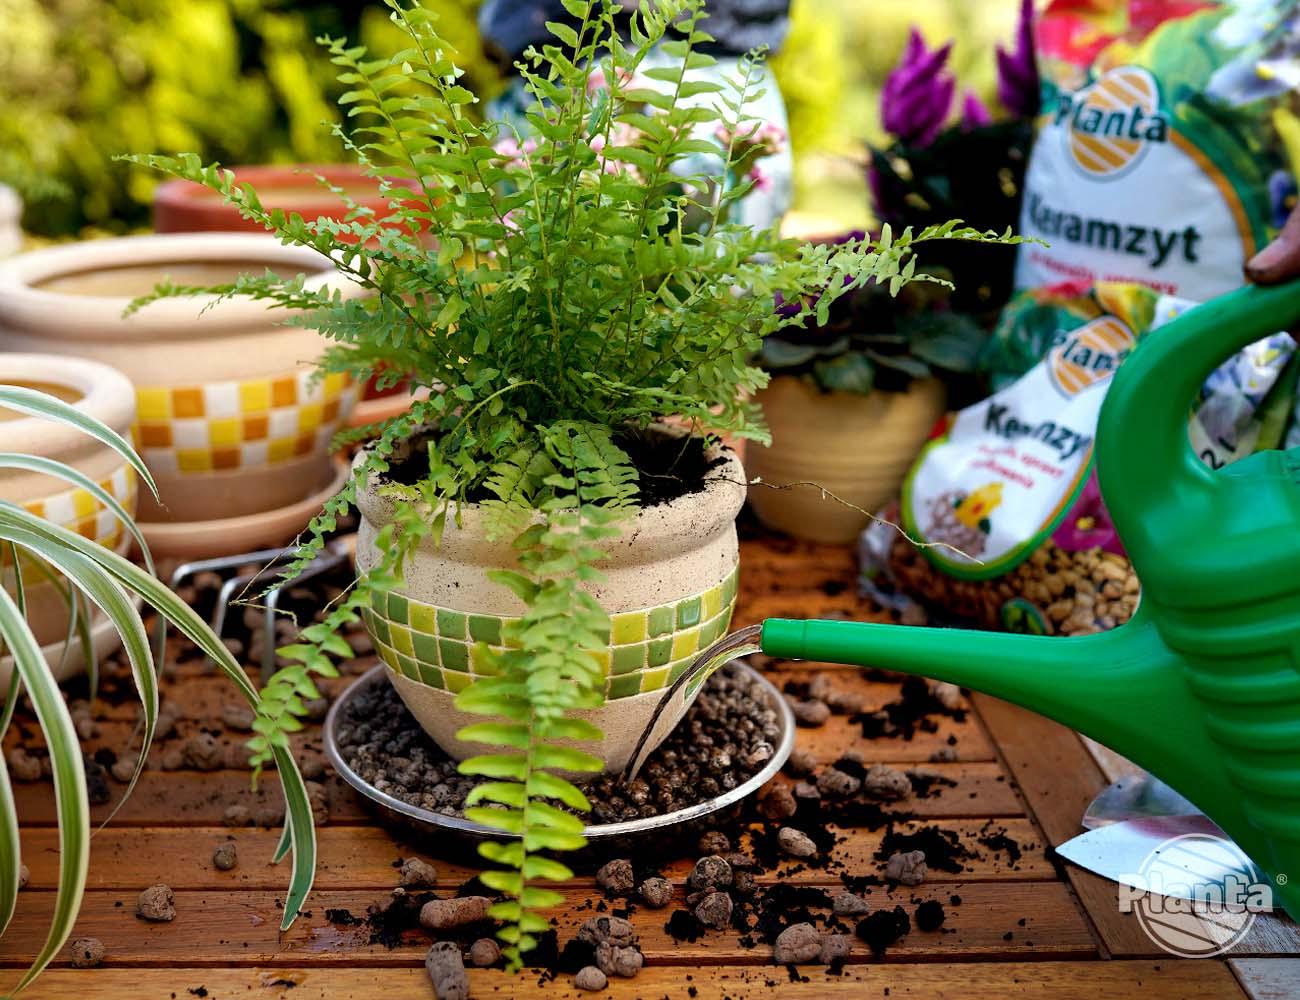 Keramzyt wysypujemy na podstawek na którym stoi roślina